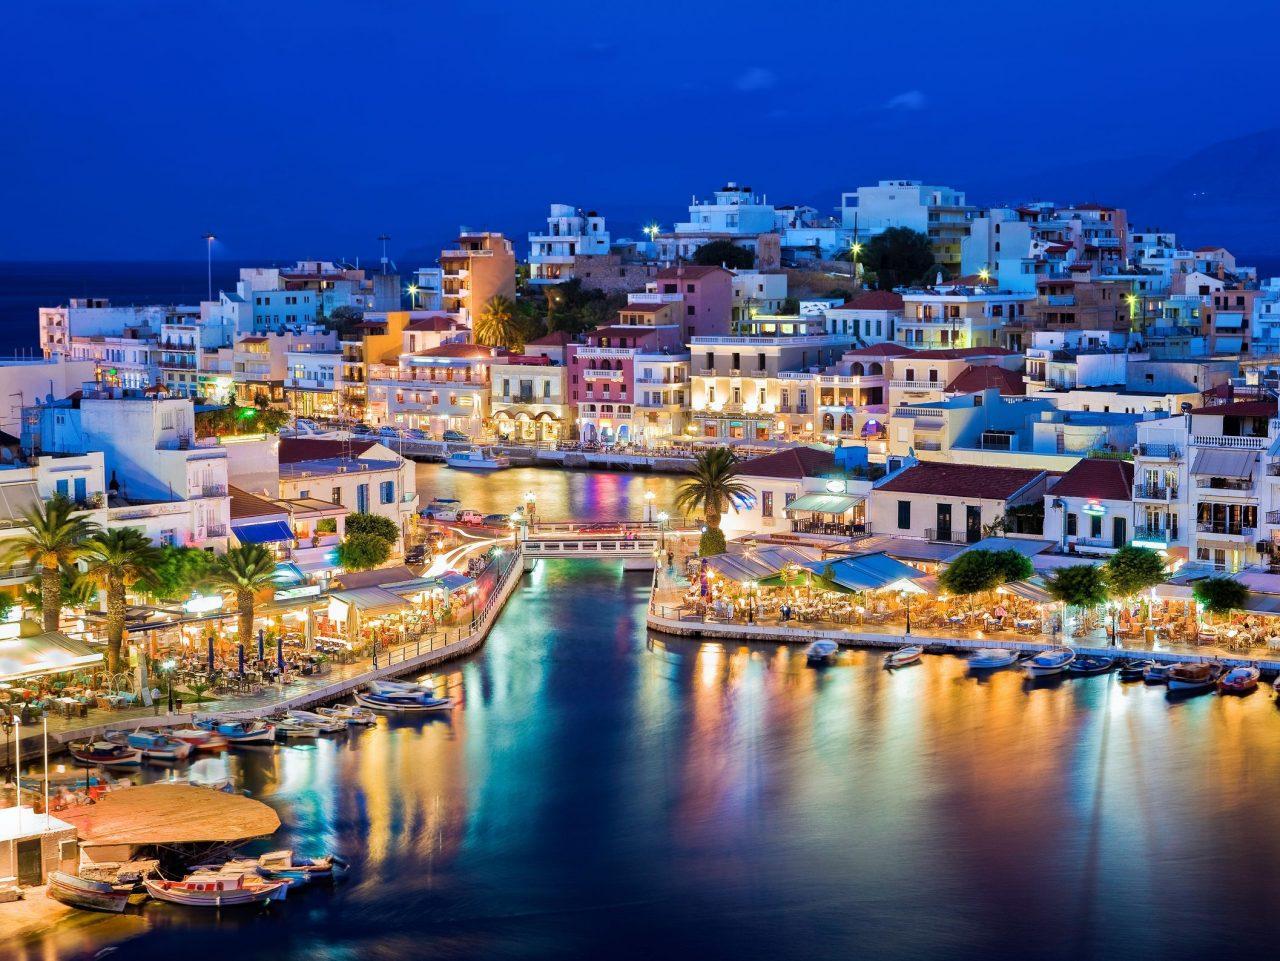 Στην 5η θέση των δημοφιλέστερων προορισμών παγκοσμίως η Κρήτη από τους χρήστες του TripAdvisor!